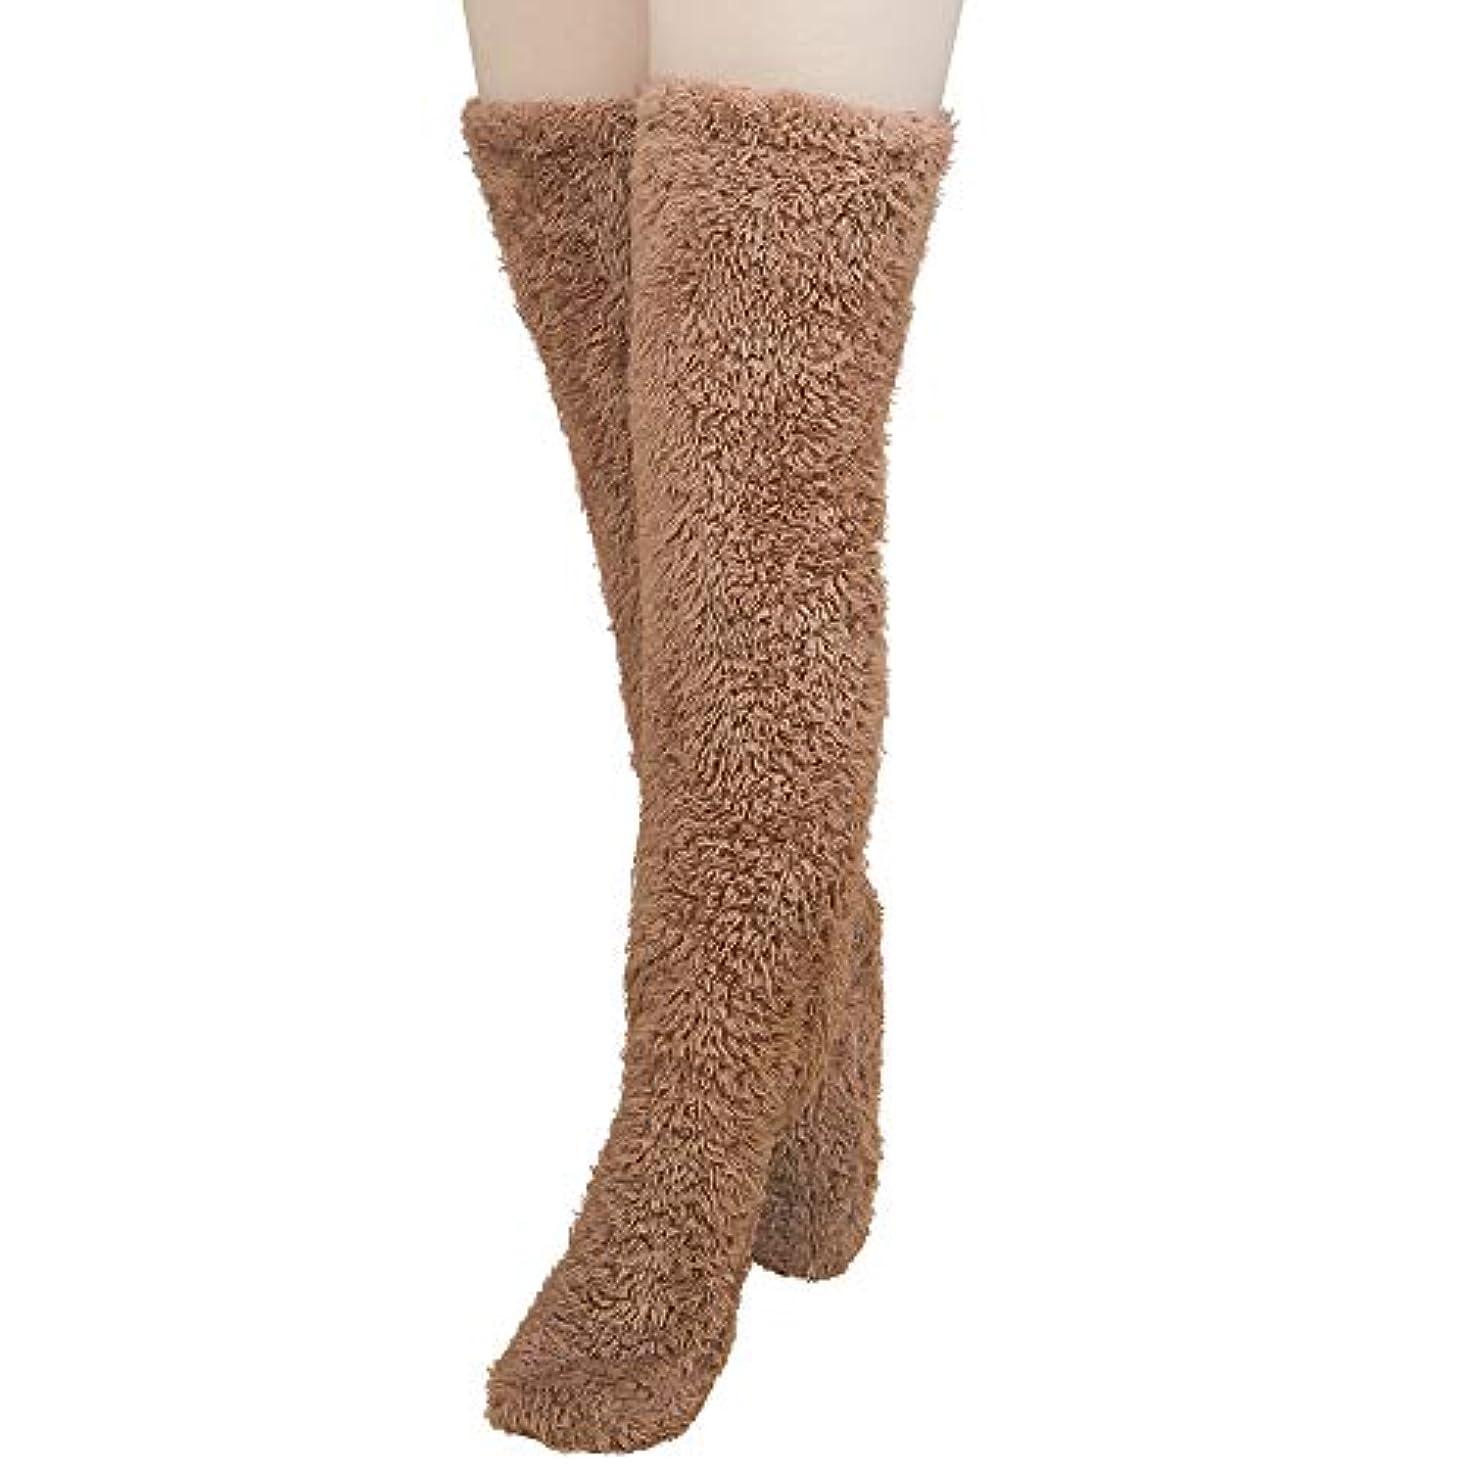 剛性入学する痛みMiuko 足が出せるロングカバー 極暖 レッグウォーマー ふわふわ靴下 ロングソックス 冷えとり靴下 毛布ソックス 冷え対策 防寒ソックス あったか 超厚手 男女兼用